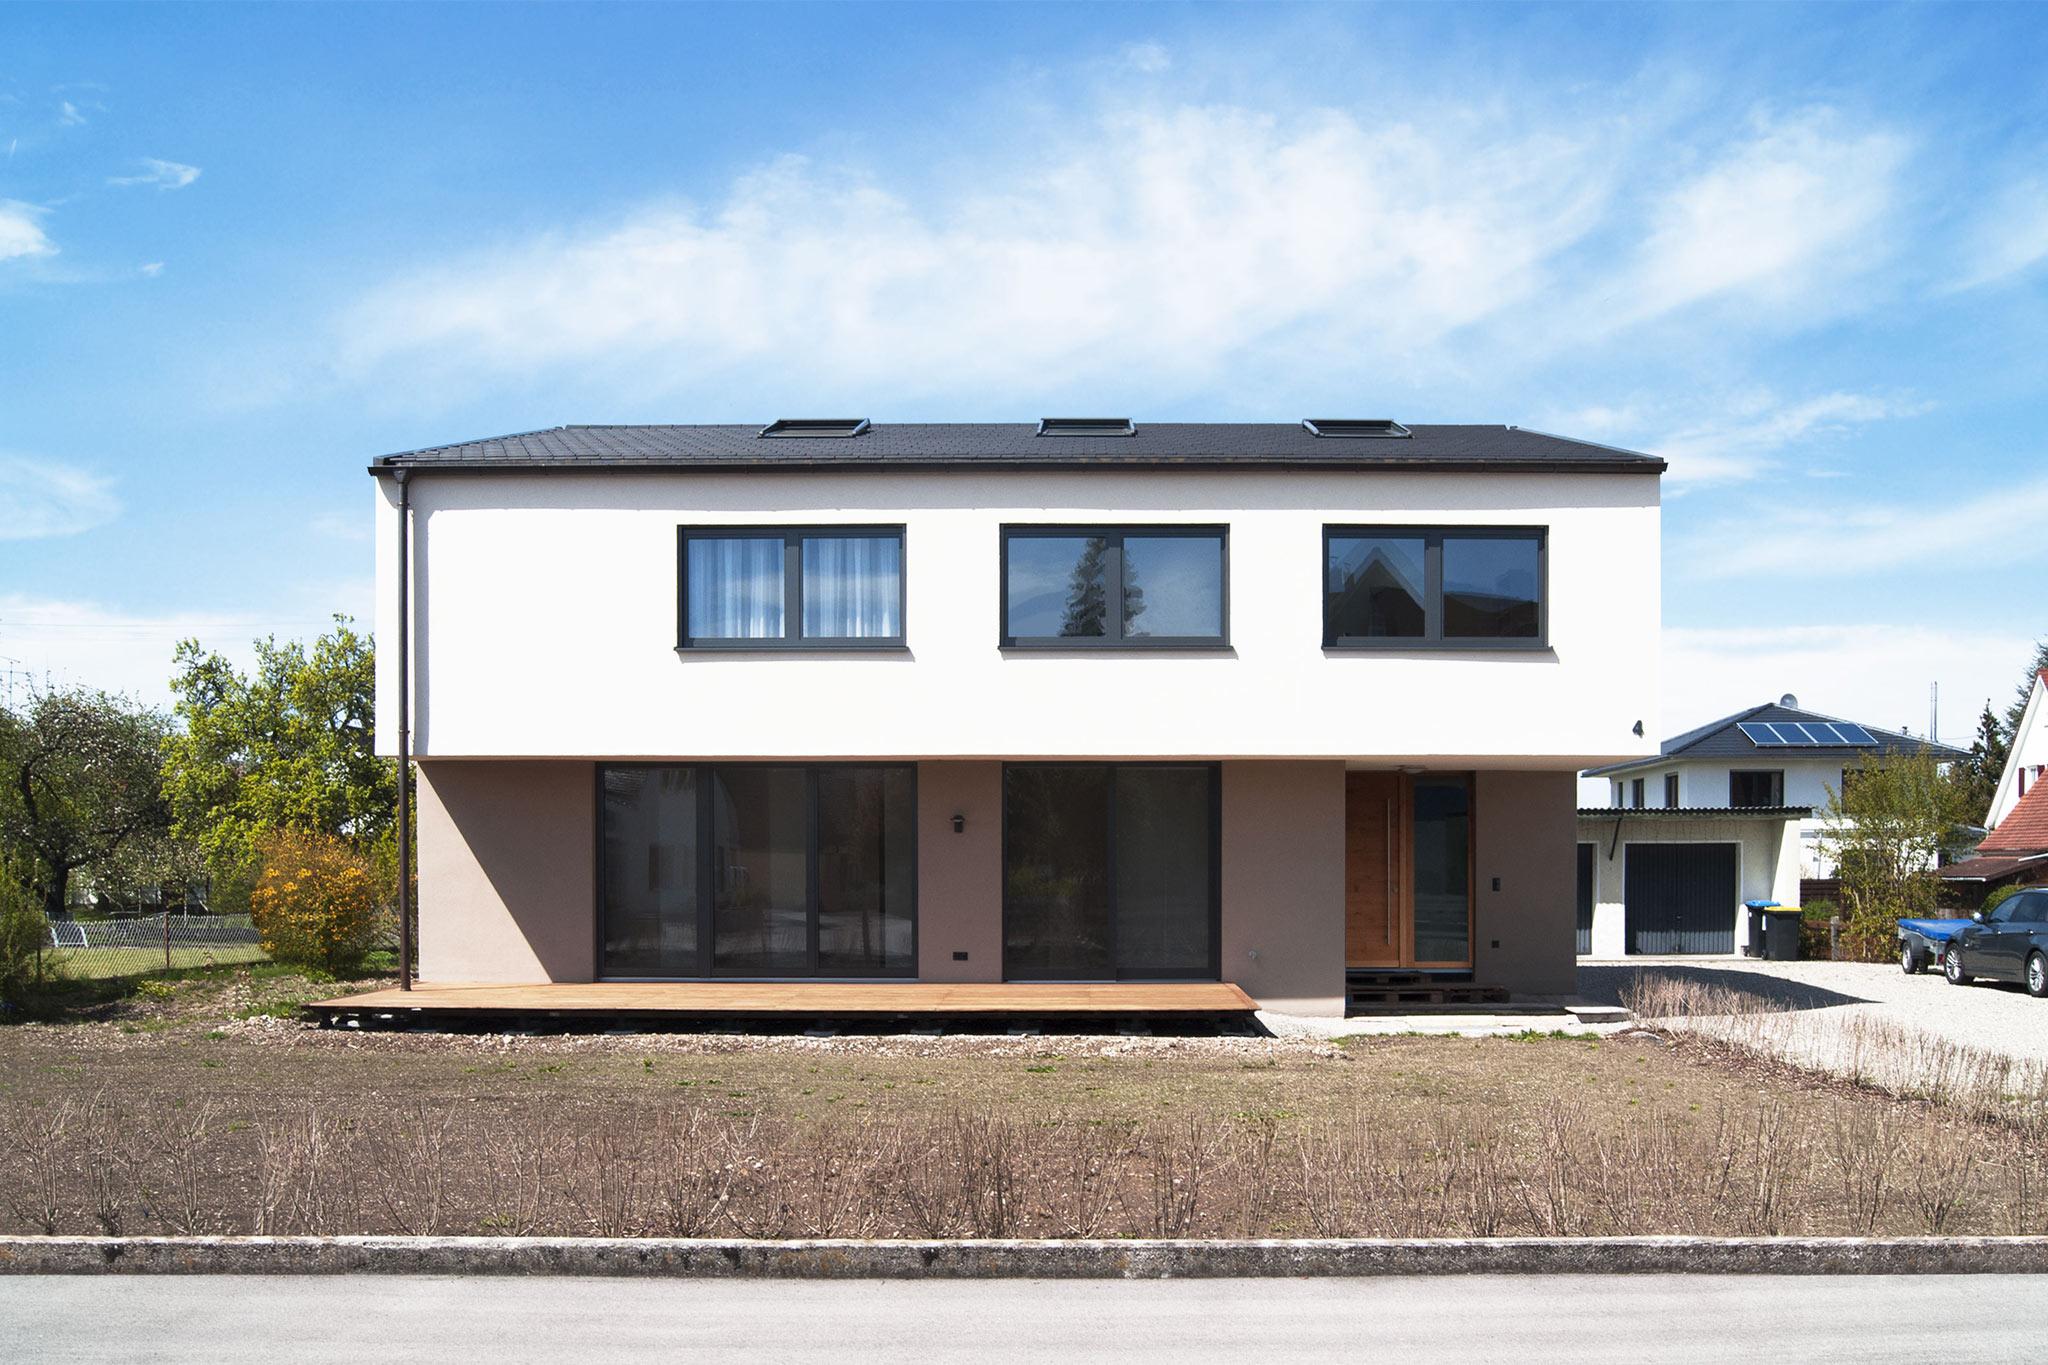 Sarger Architekten: Abbruch und Neubau eines Einfamilienhauses in Kaufering bei Landsberg am Lech